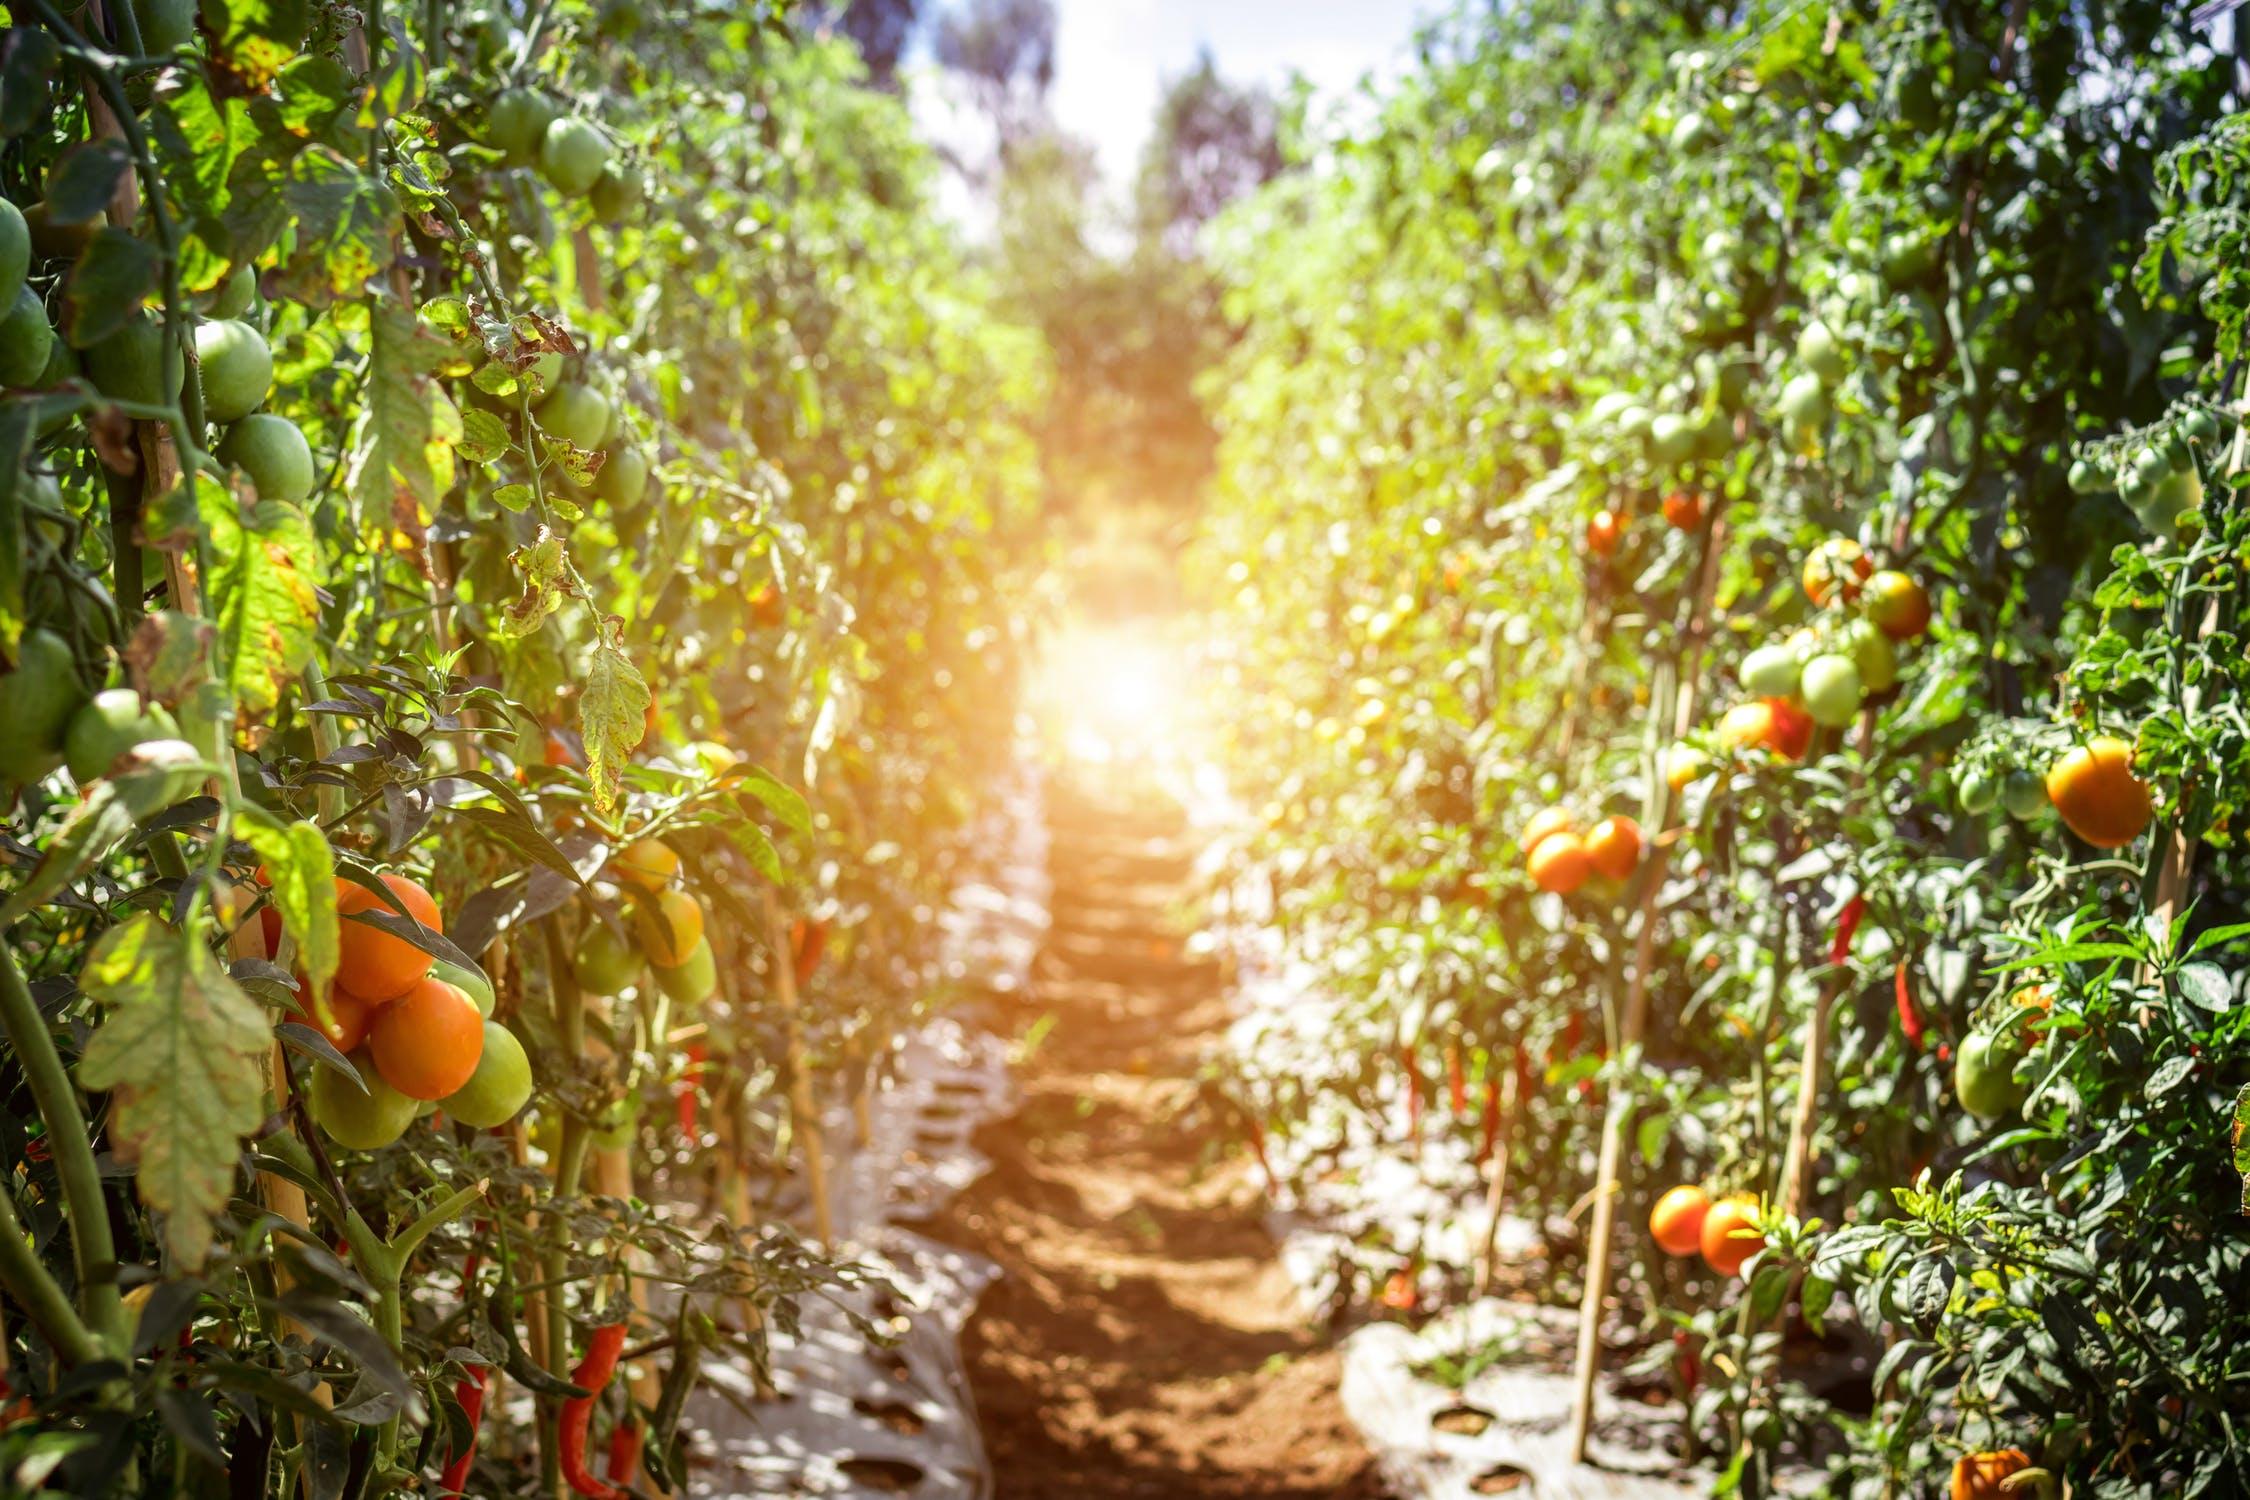 semplus-totul-depre-tomate